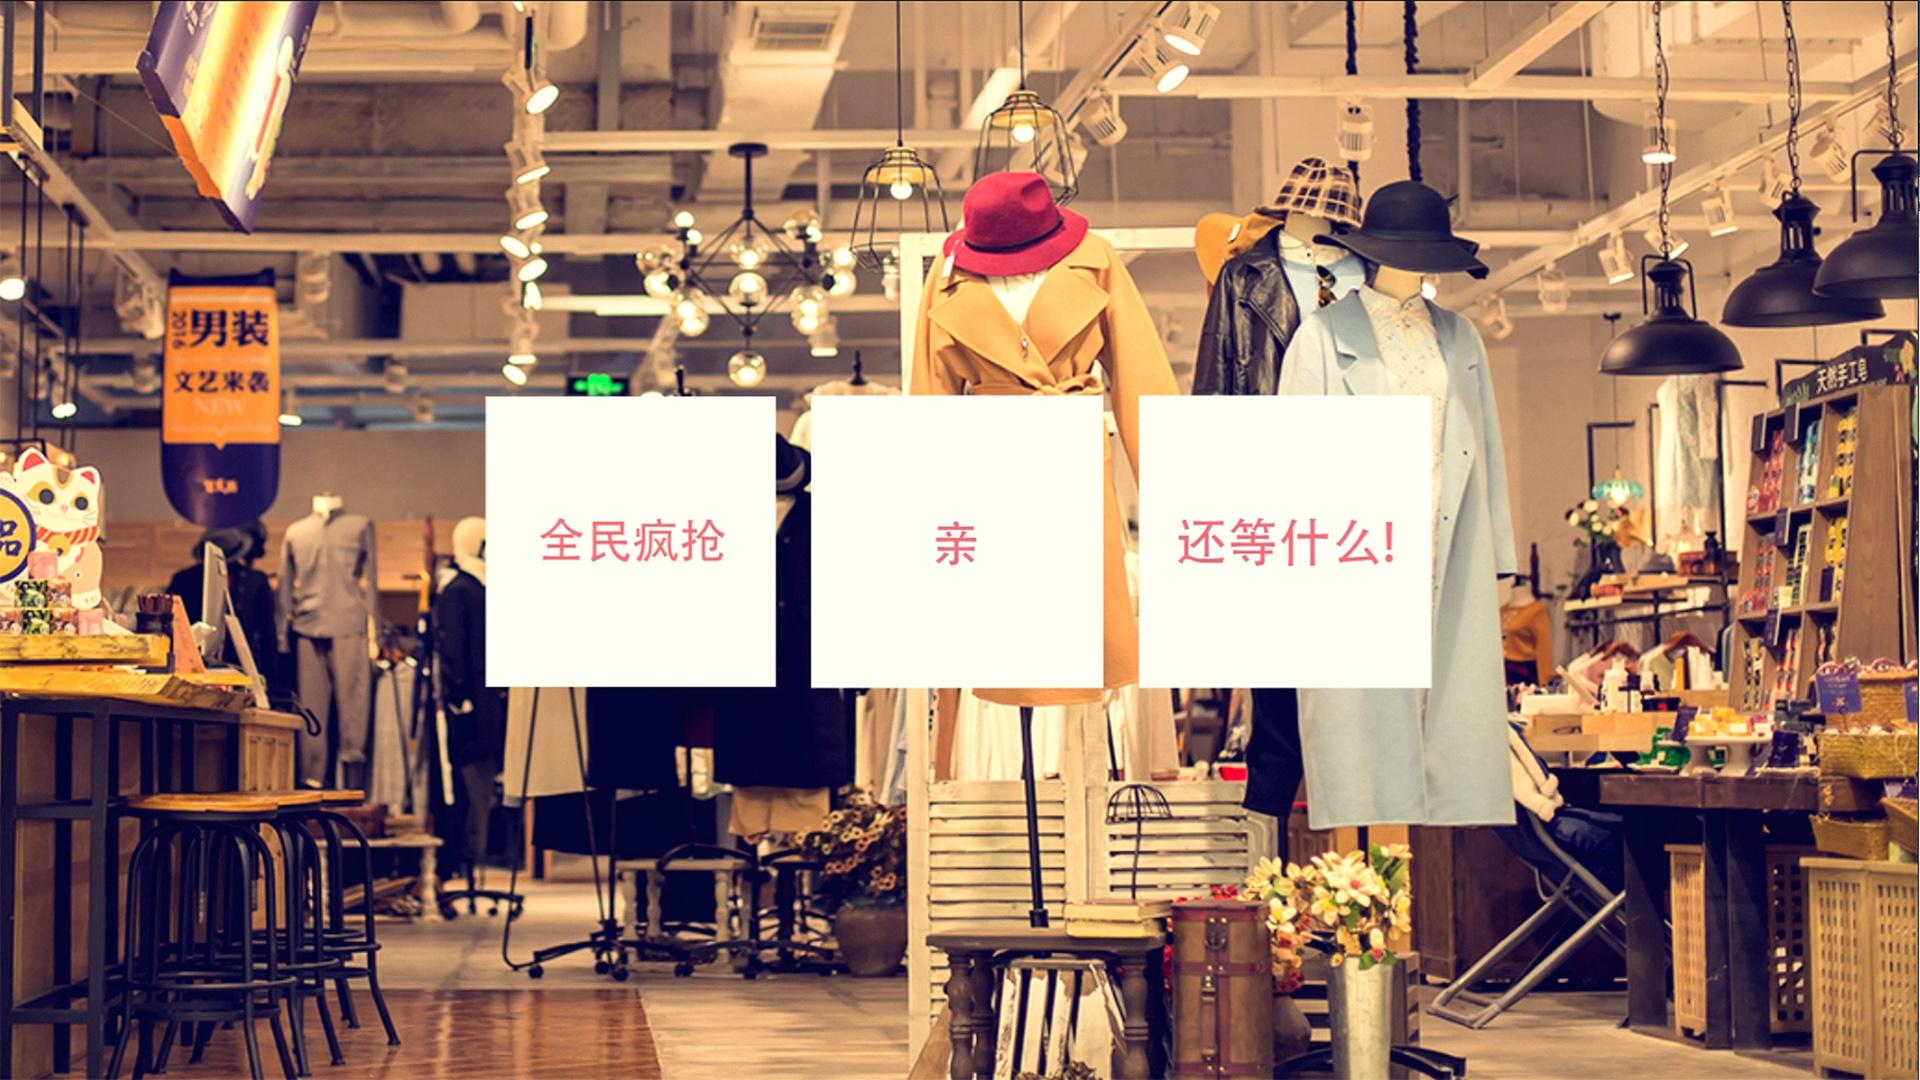 双十一购物节宣传时尚文字快闪展示模板